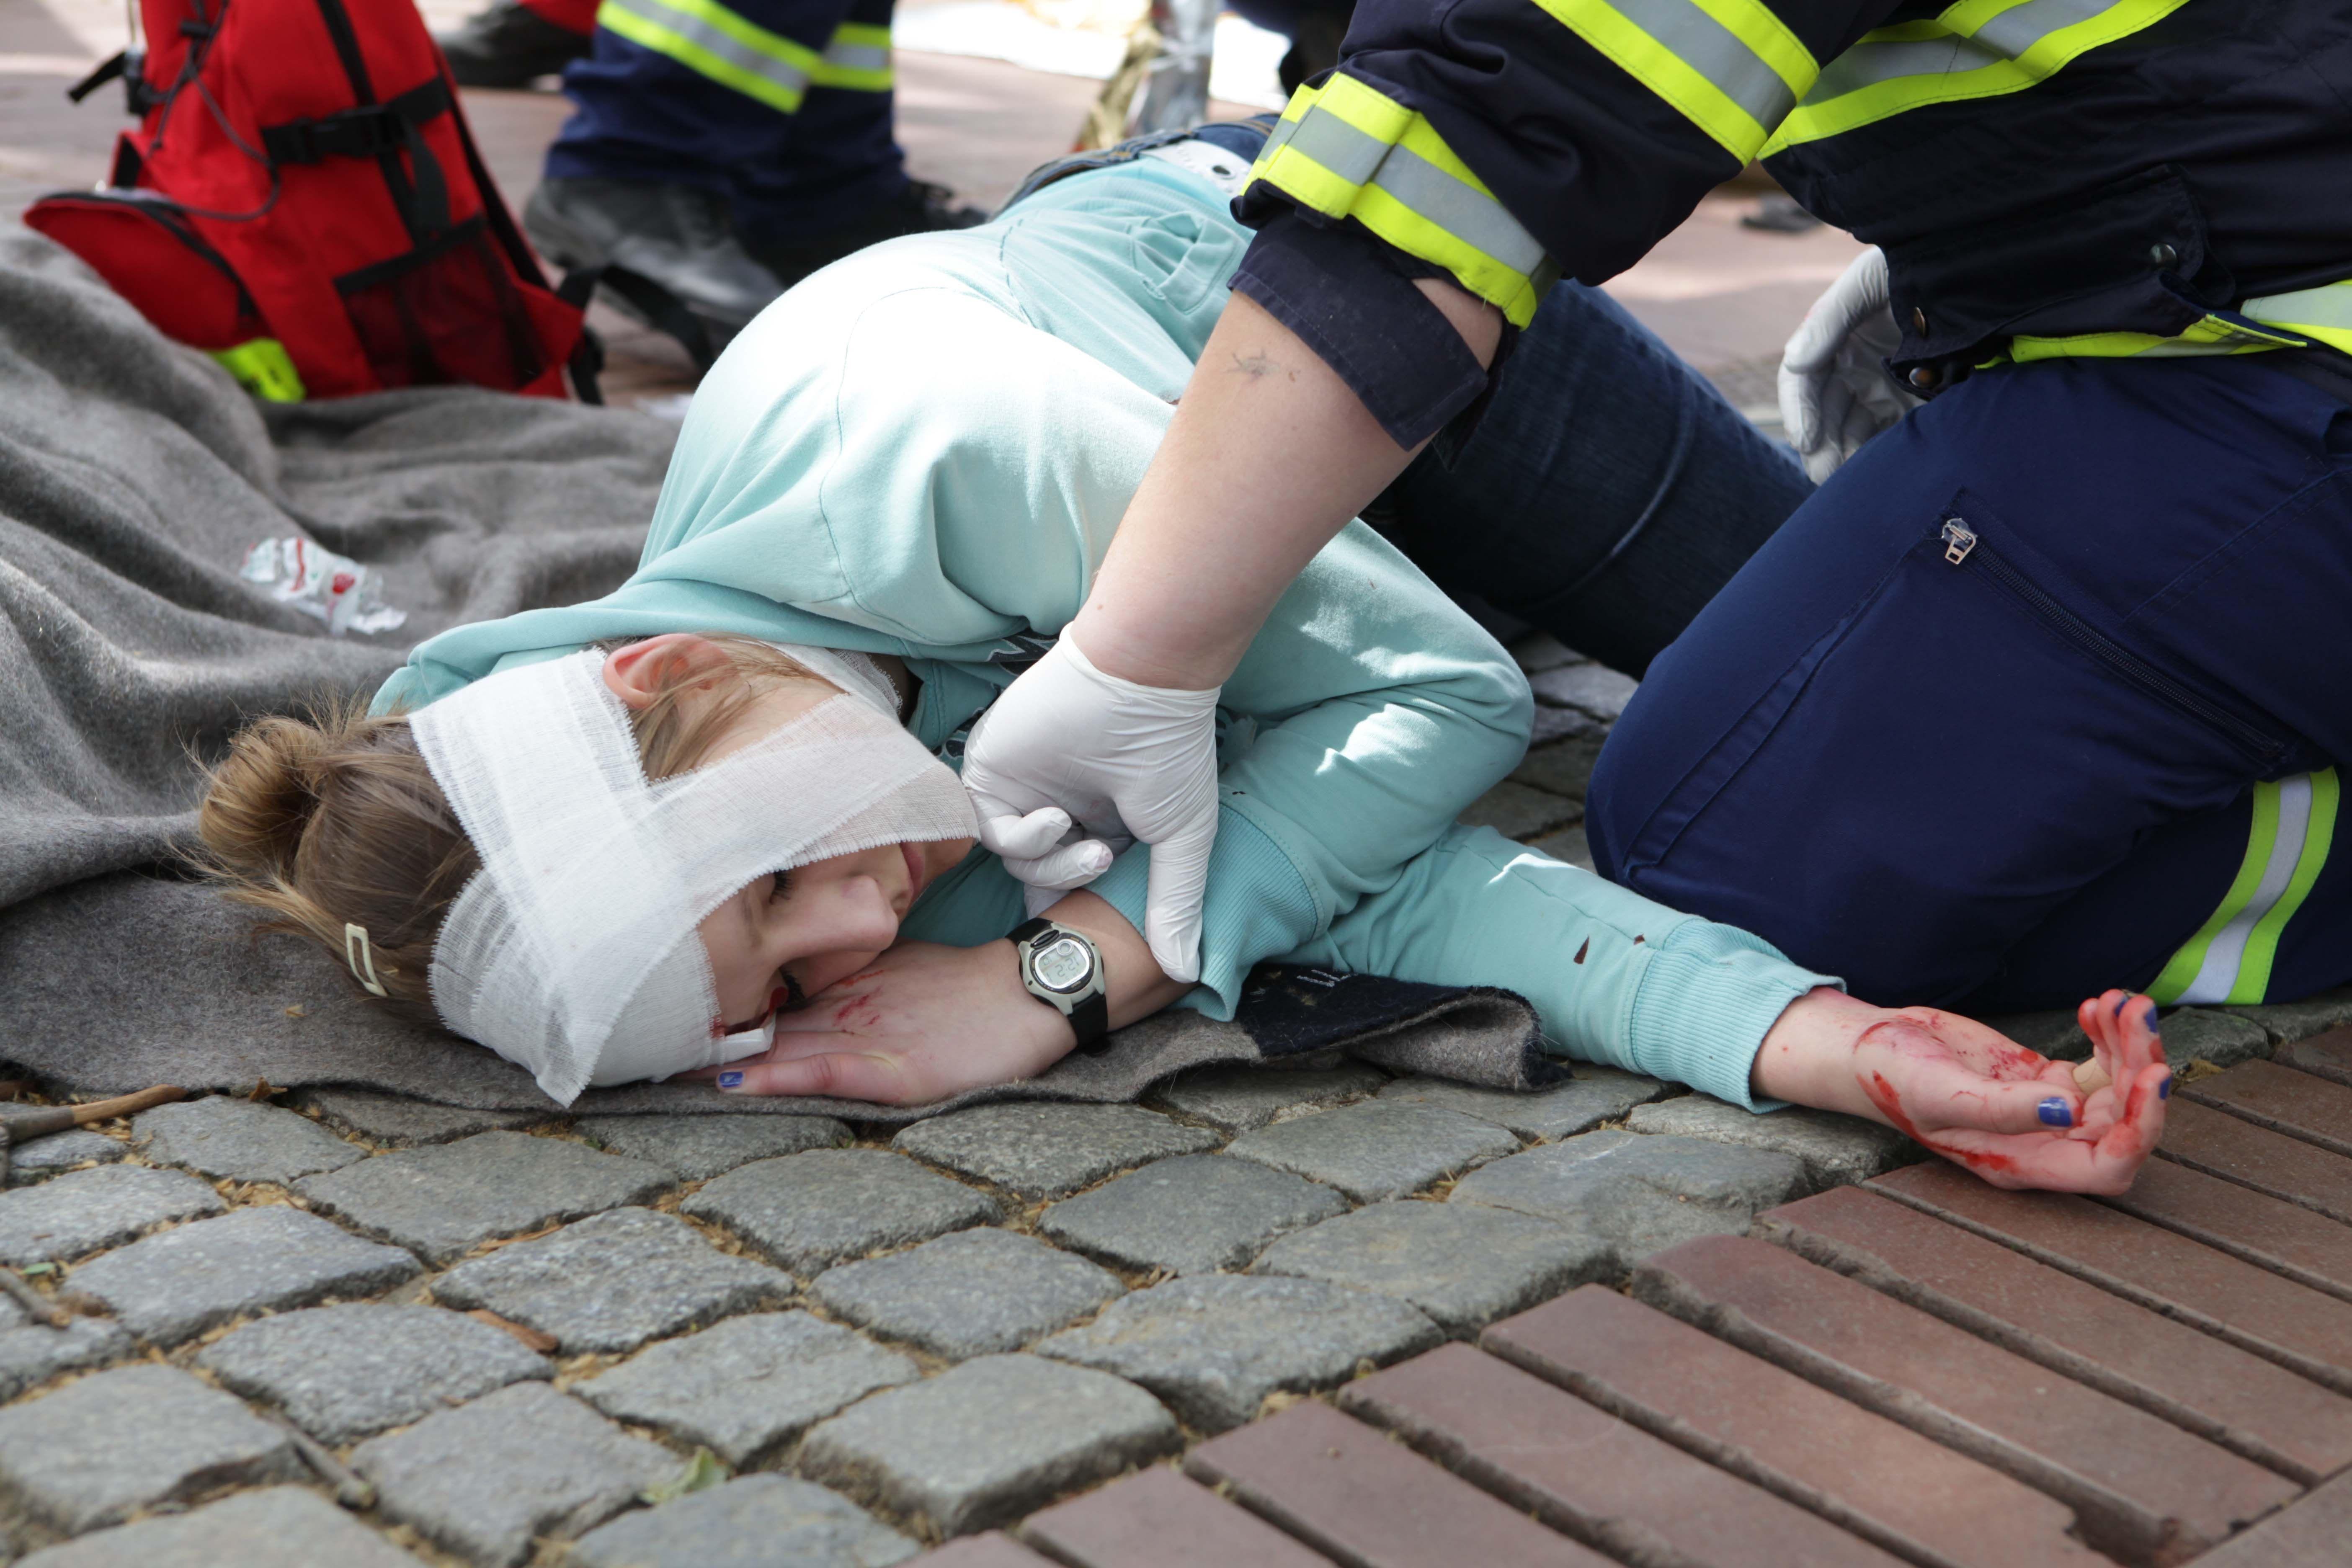 Erste Hilfe bei Schnittverletzungen